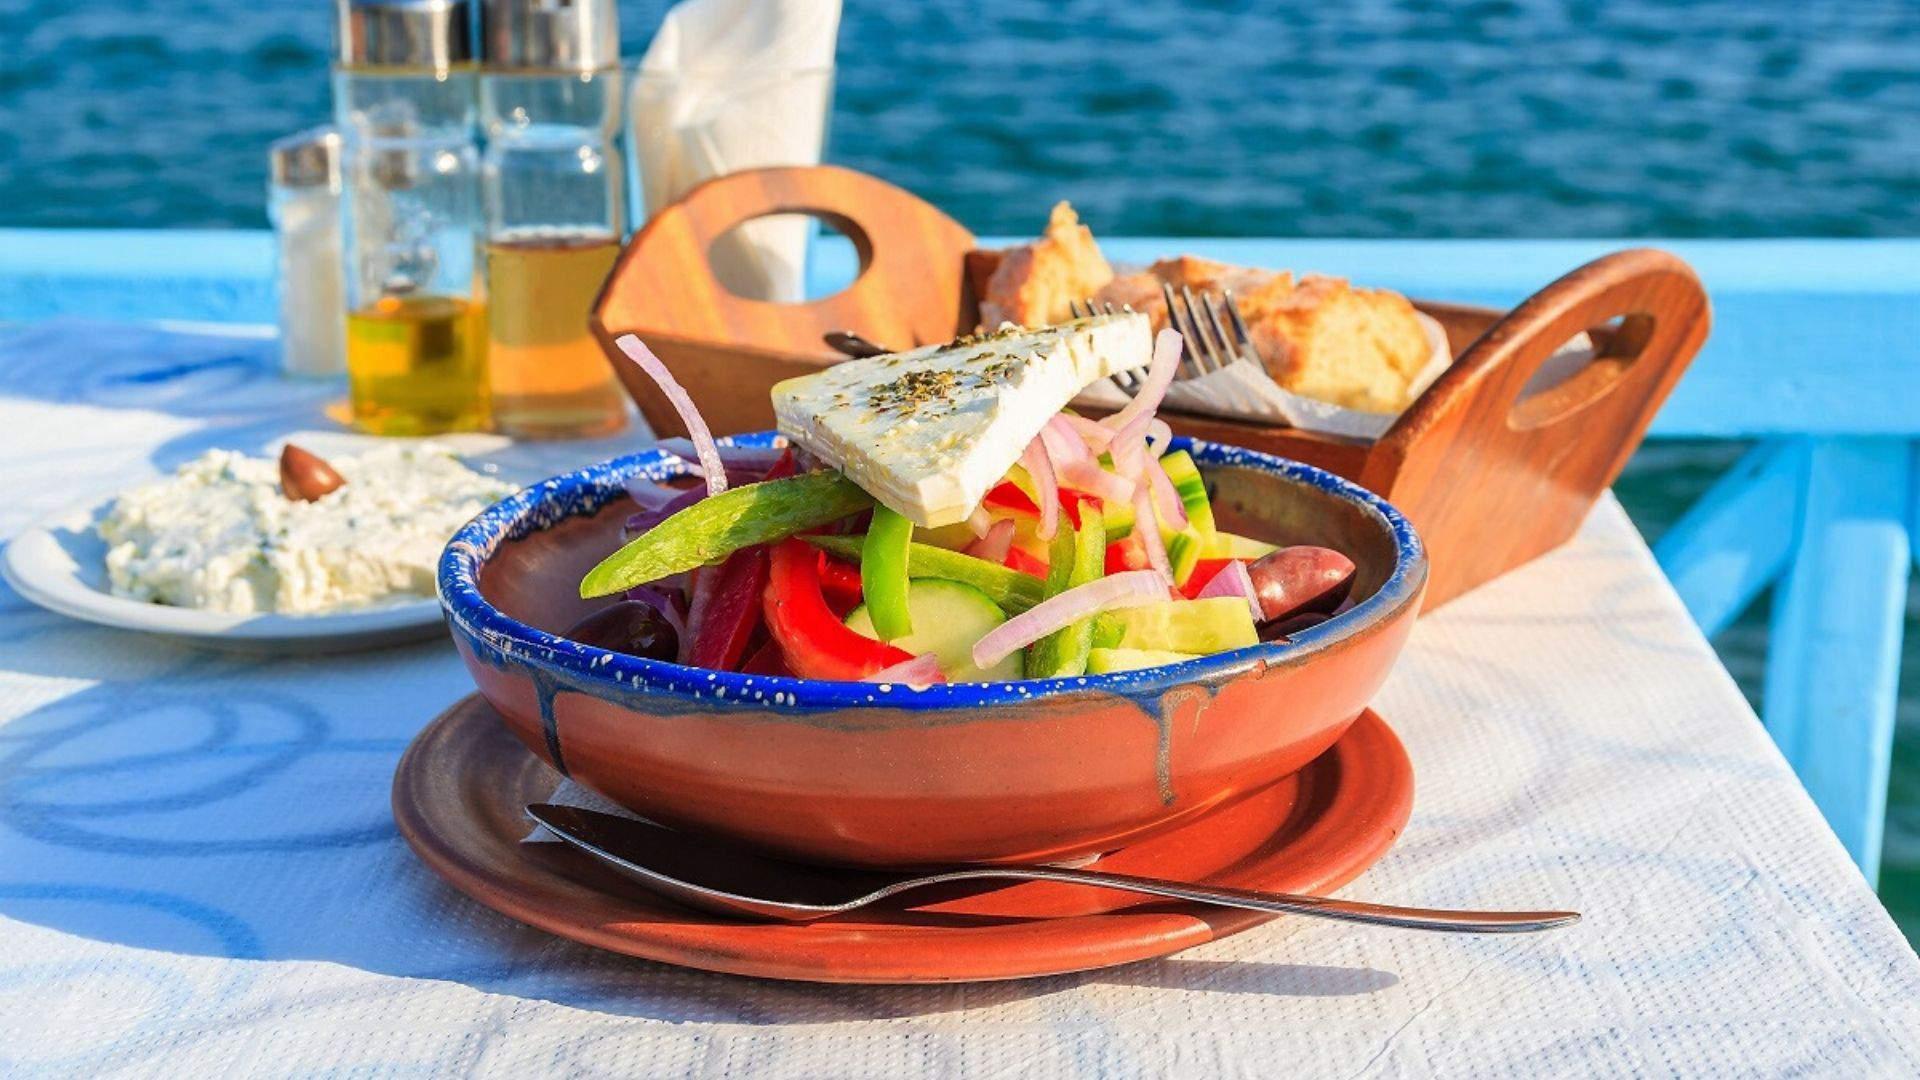 Kelionės metu skanaukite gardžias graikiškas salotas